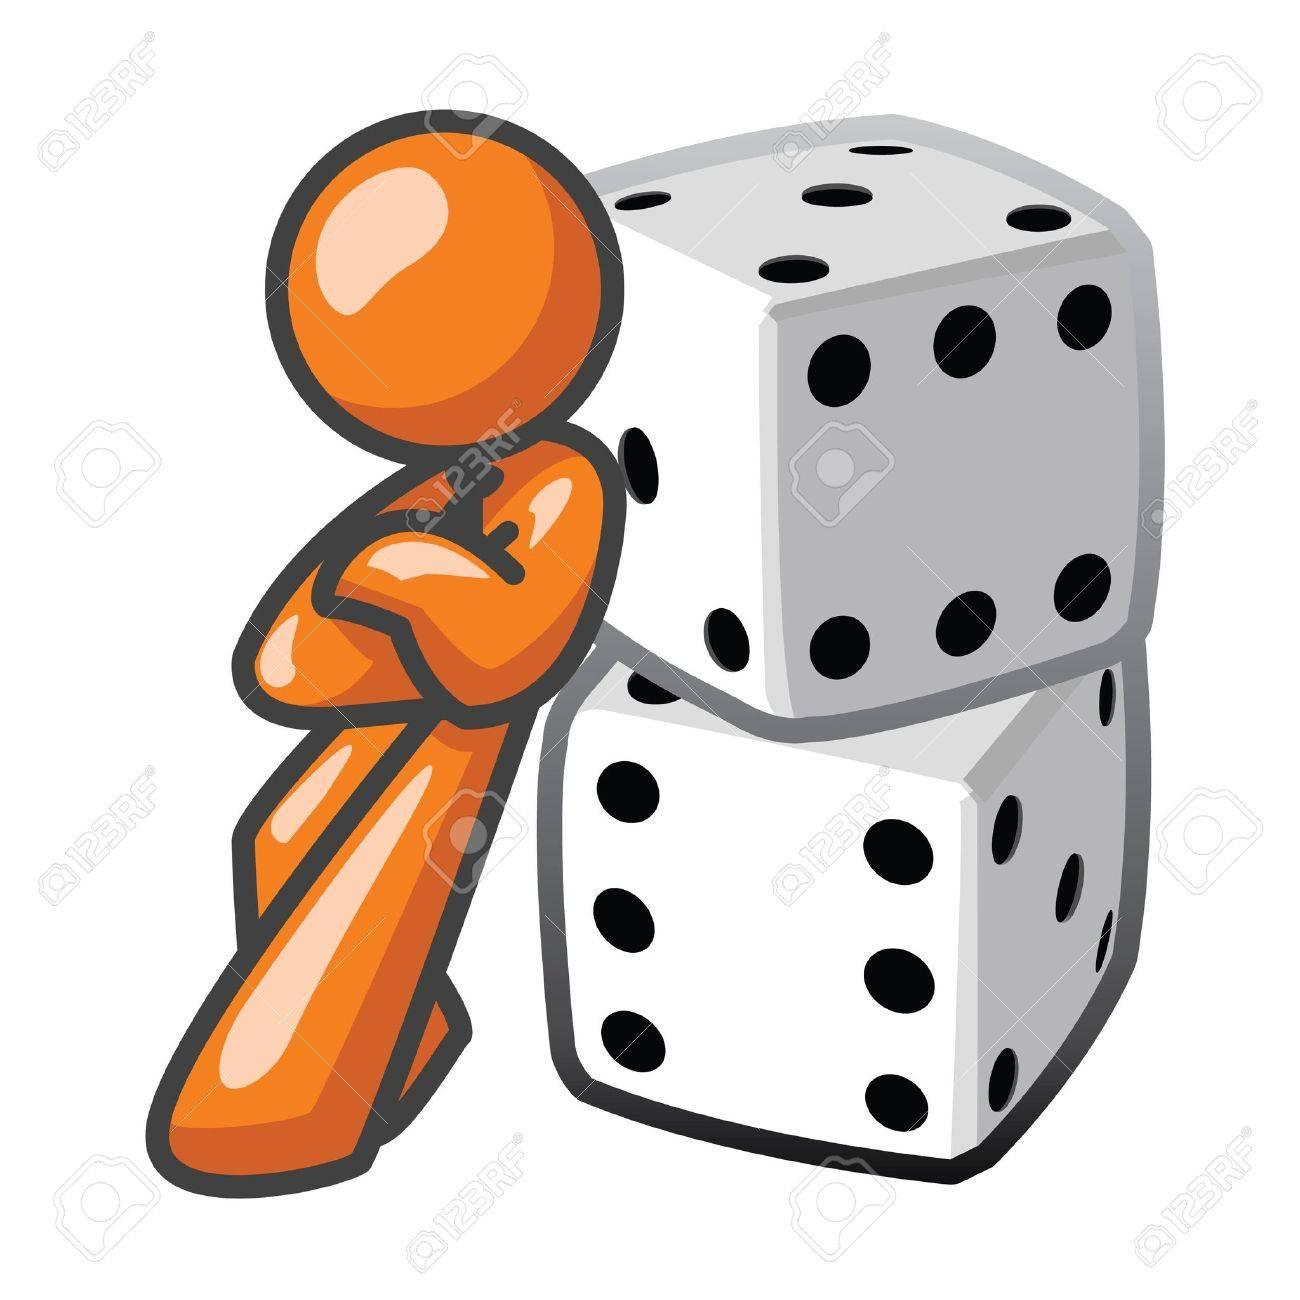 Orange Man leaning against dice, confident. Stock Vector - 12803752